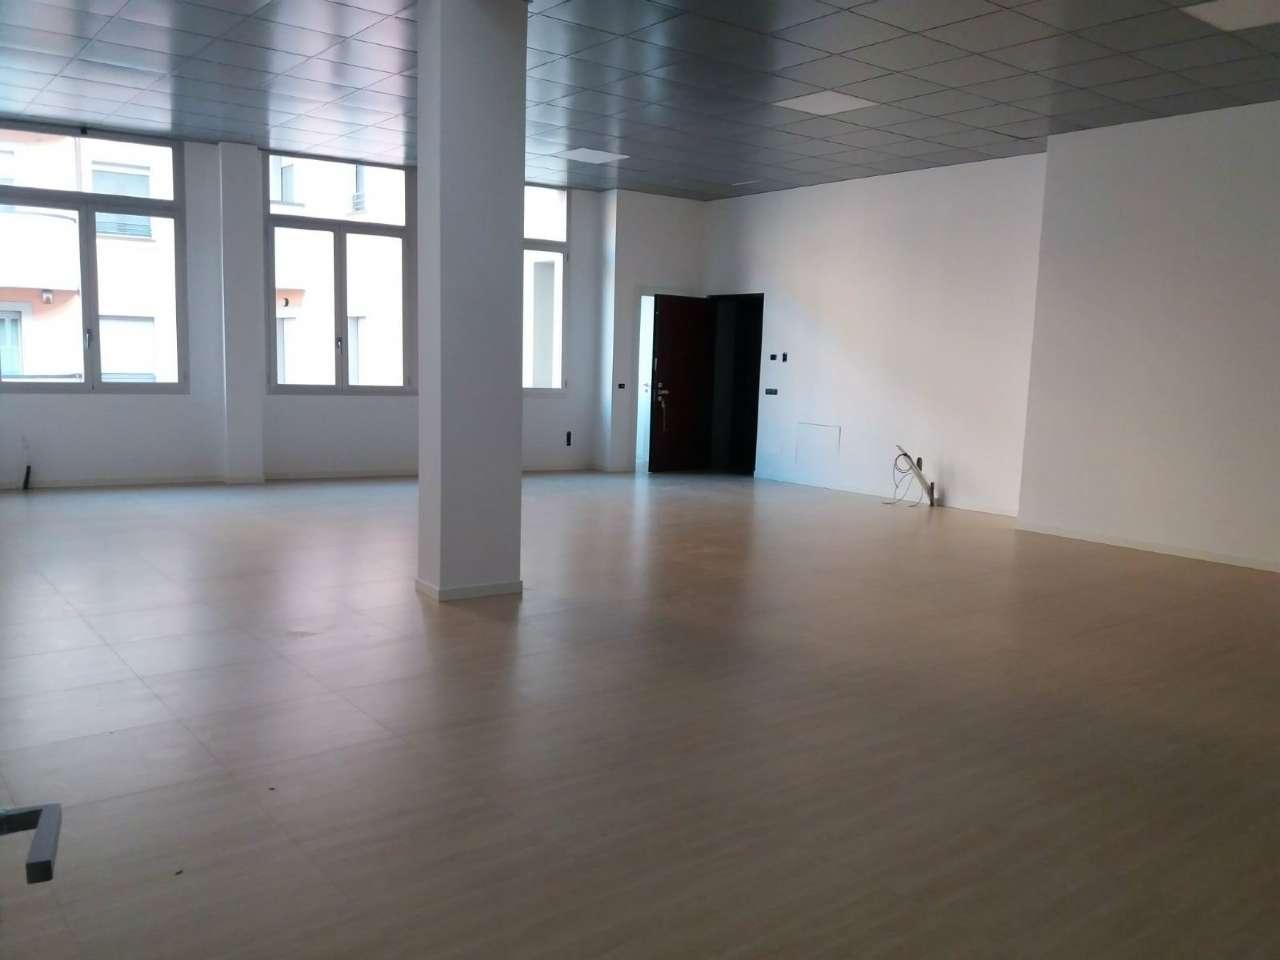 Ufficio / Studio in vendita a Saronno, 1 locali, prezzo € 330.000   CambioCasa.it